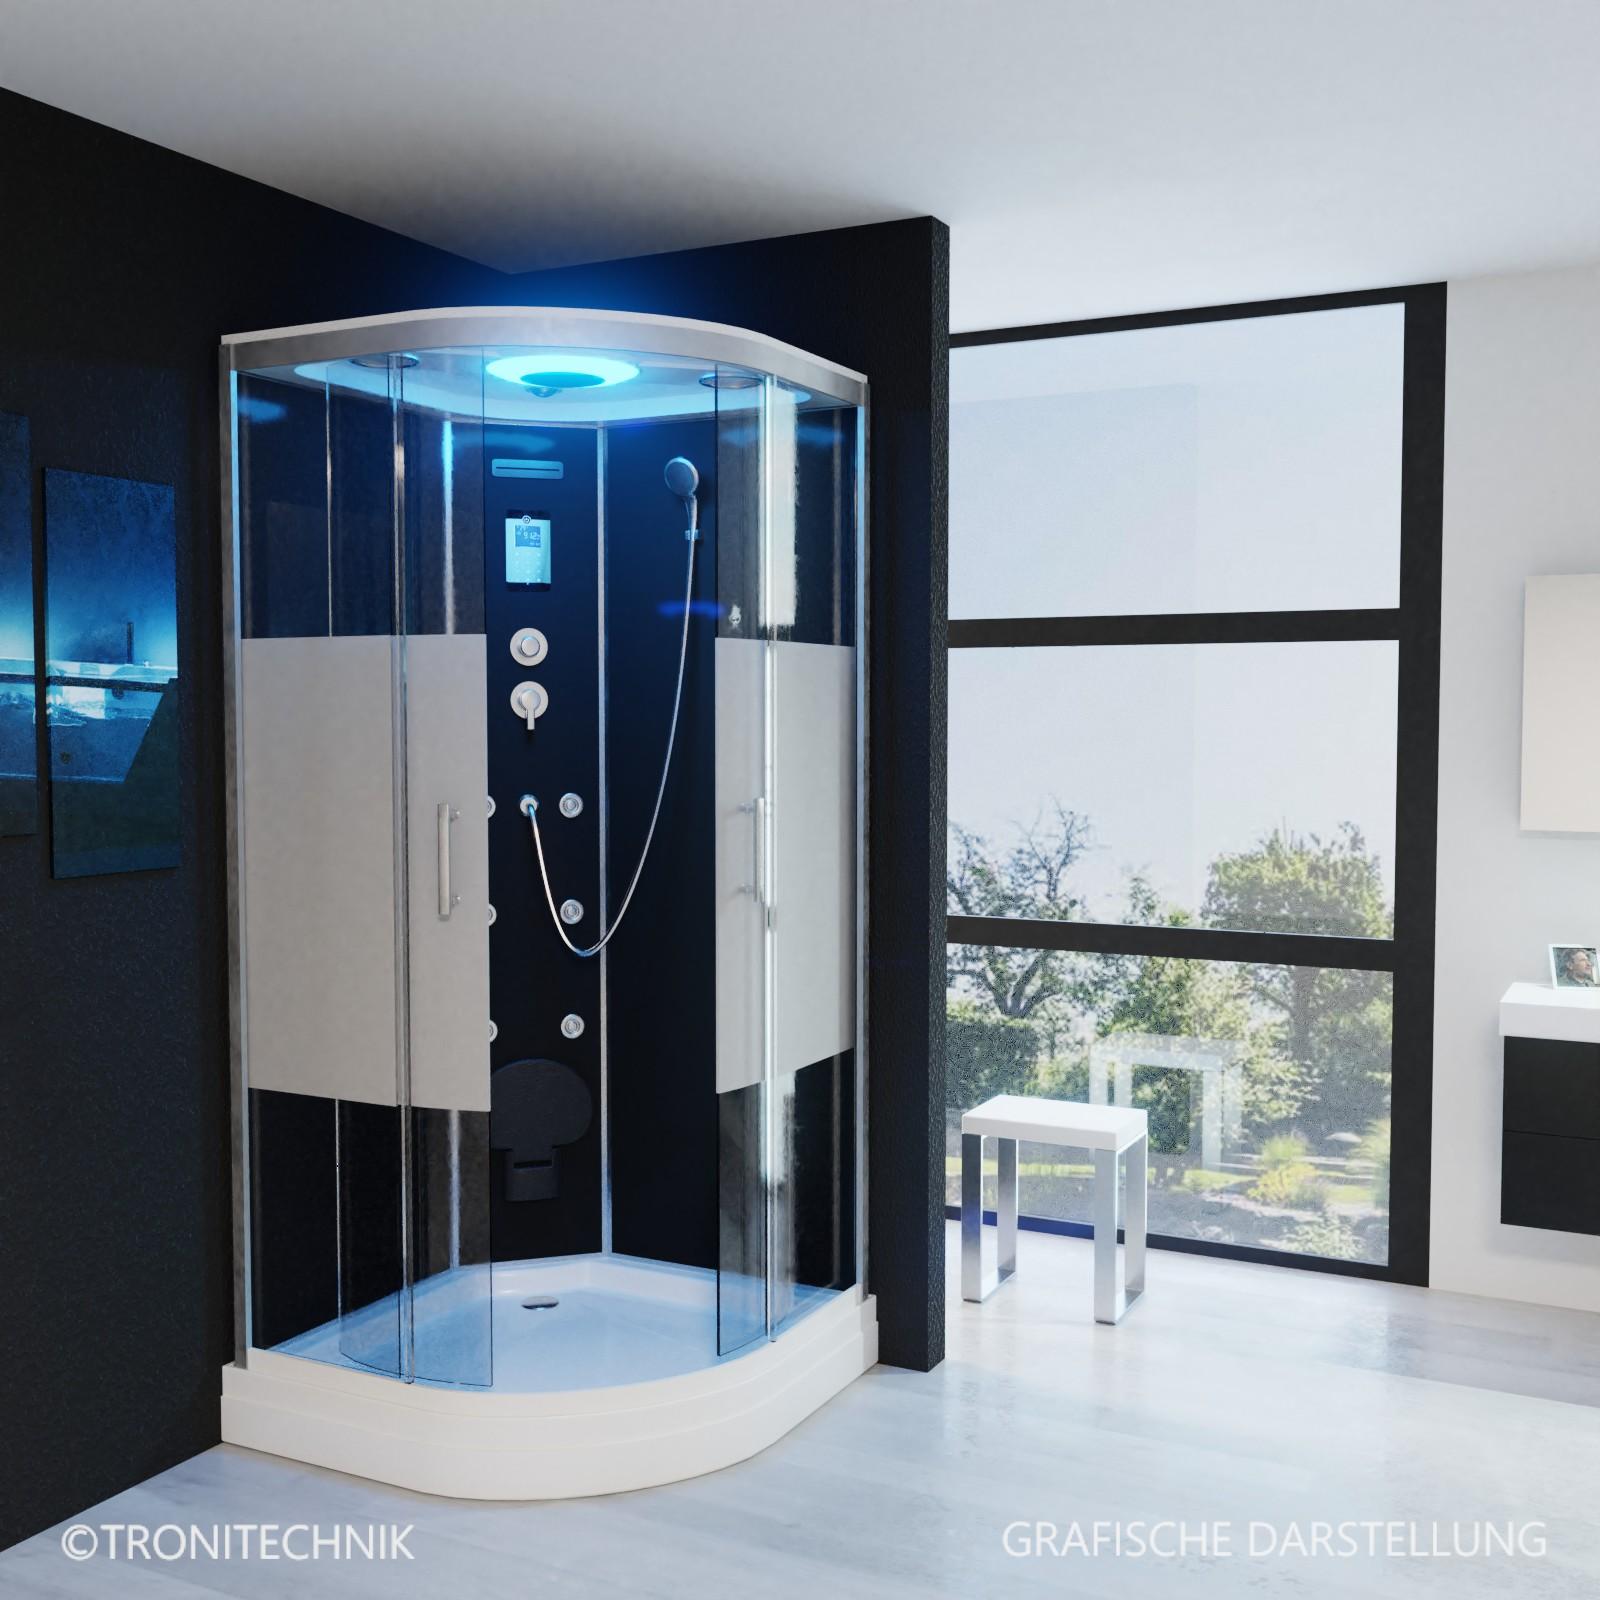 Duschtempel E S100XI1HG01 100x100 Duschen EASY Serie ohne Dampf